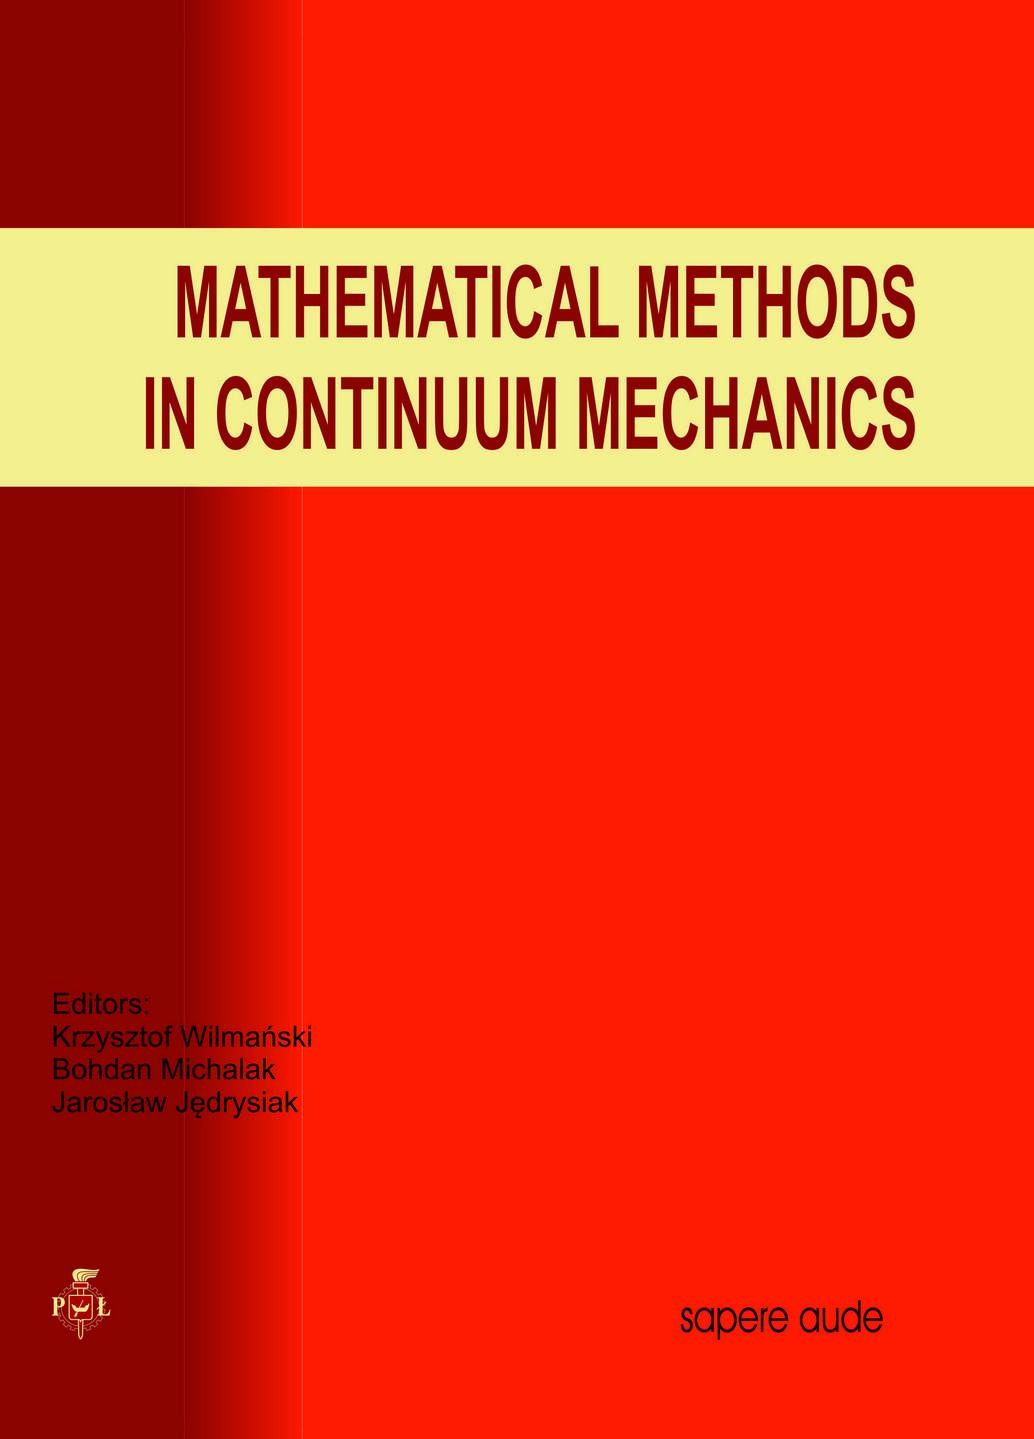 Mathematical methods in continuum mechanics